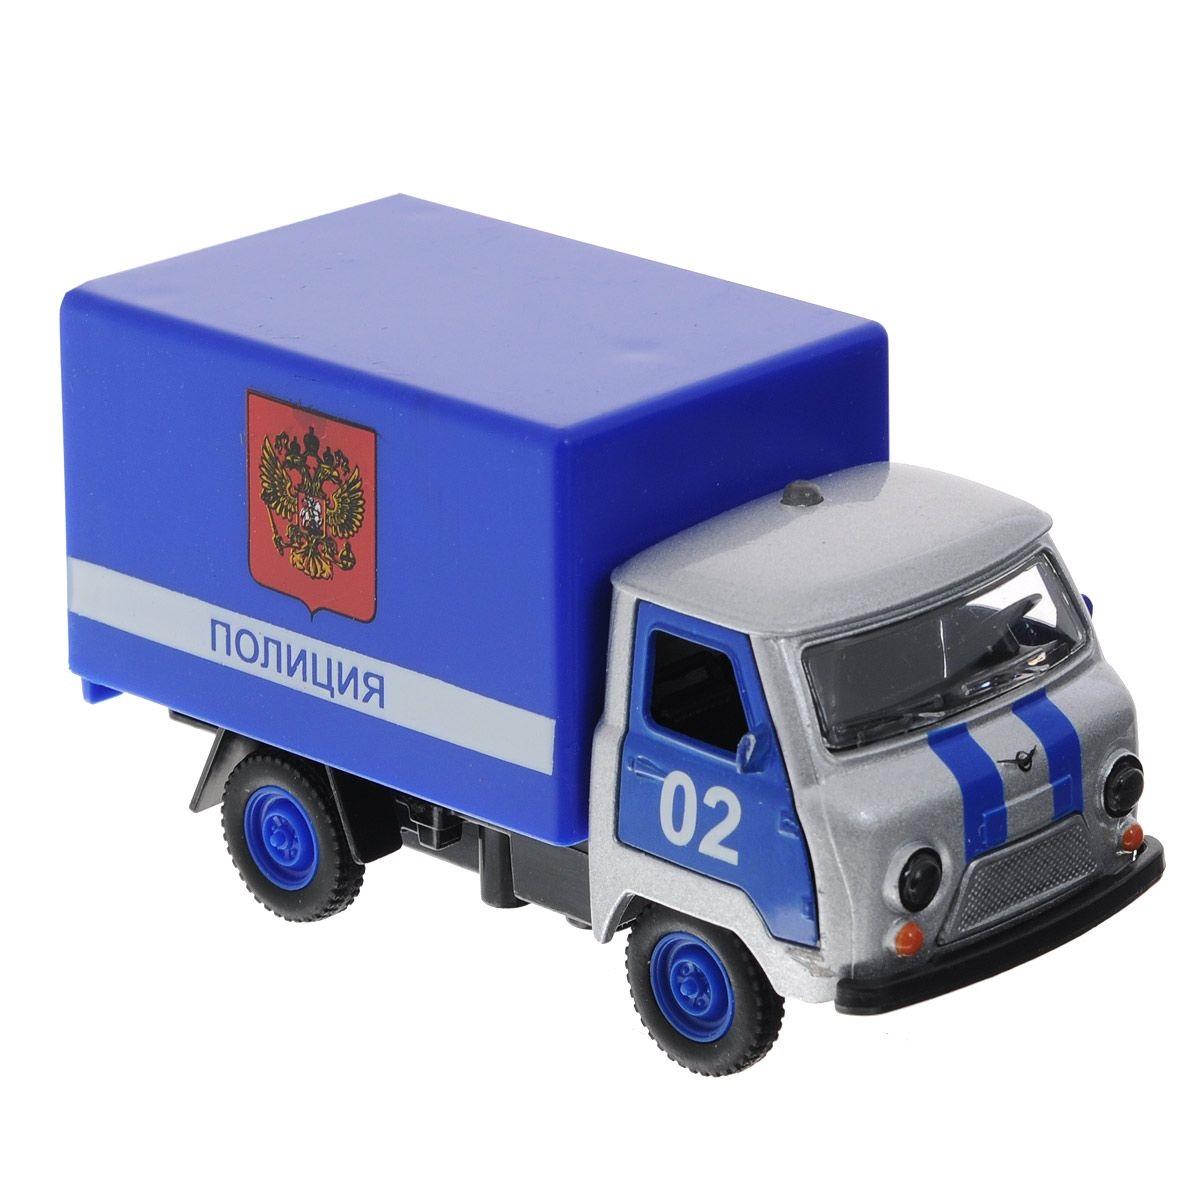 Инерционная машина металлическая УАЗ 3303 - Полиция, свет, звук 1:43Полицейские машины<br>Инерционная машина металлическая УАЗ 3303 - Полиция, свет, звук 1:43<br>